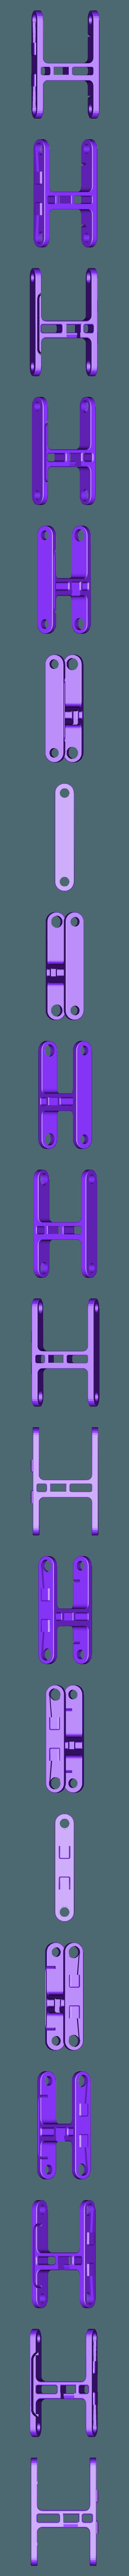 Femur_MG90_B.stl Télécharger fichier STL gratuit Robot Spider Bug (robot quadrupède, quadrupède)-MG90 • Design pour impression 3D, kasinatorhh